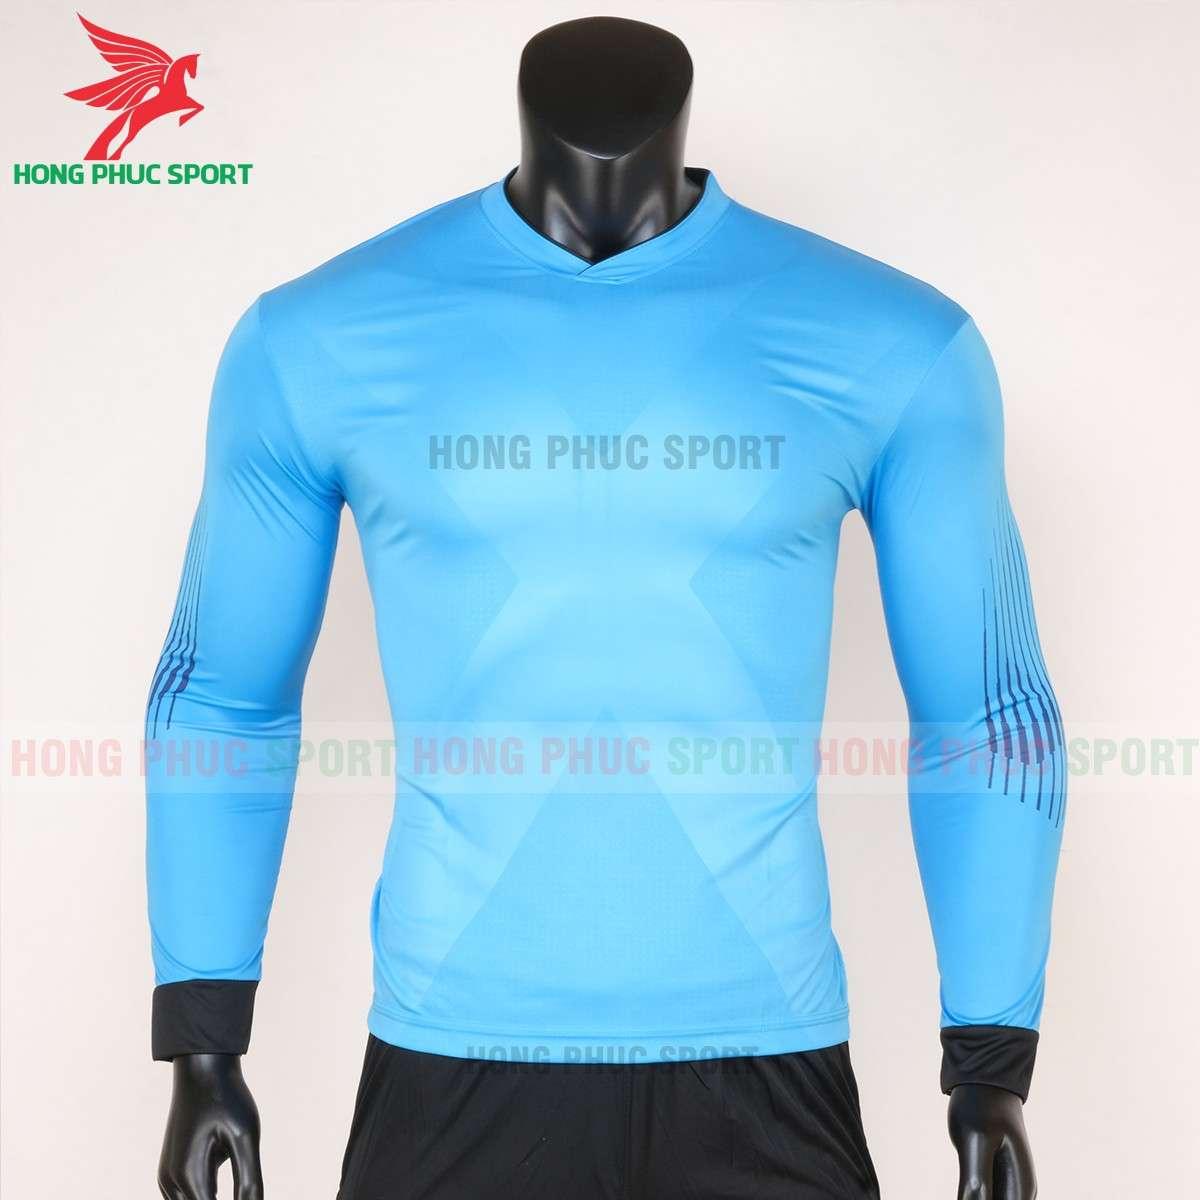 Đồ đá bóng thủ môn tay dài 2020 màu xanh da trời